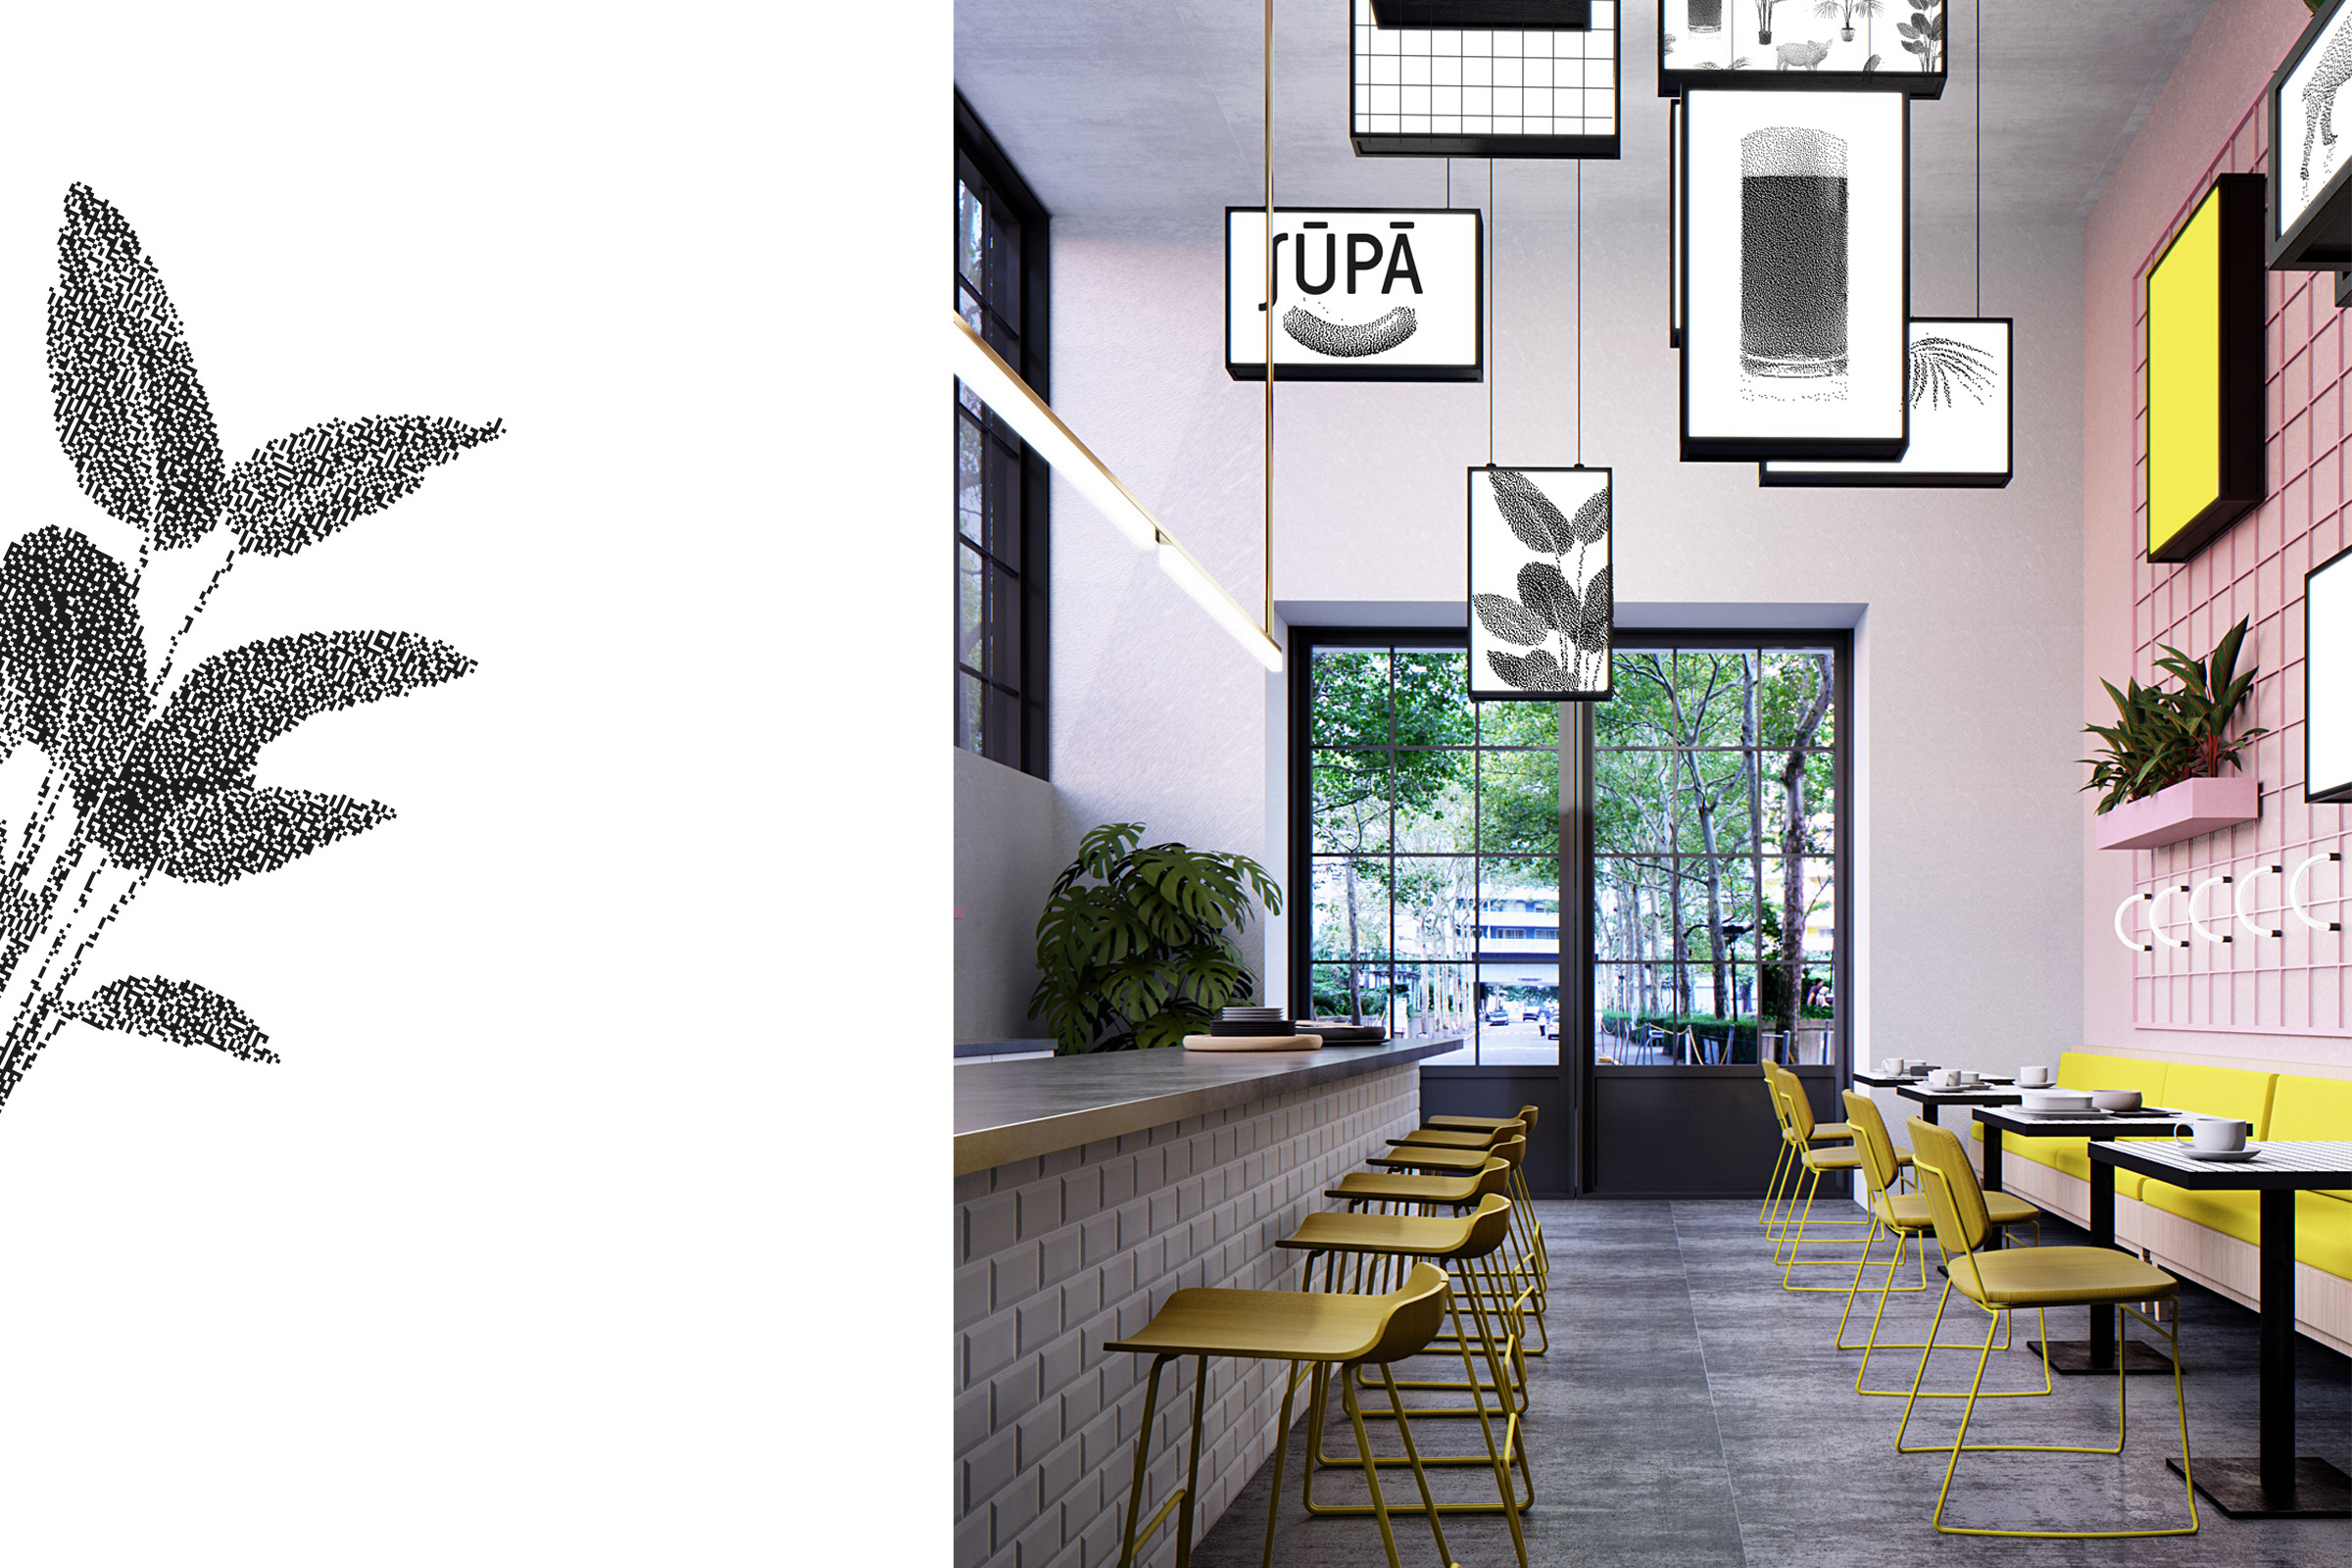 interior design, Einrichtung, bar, cafe, restaurant, logo